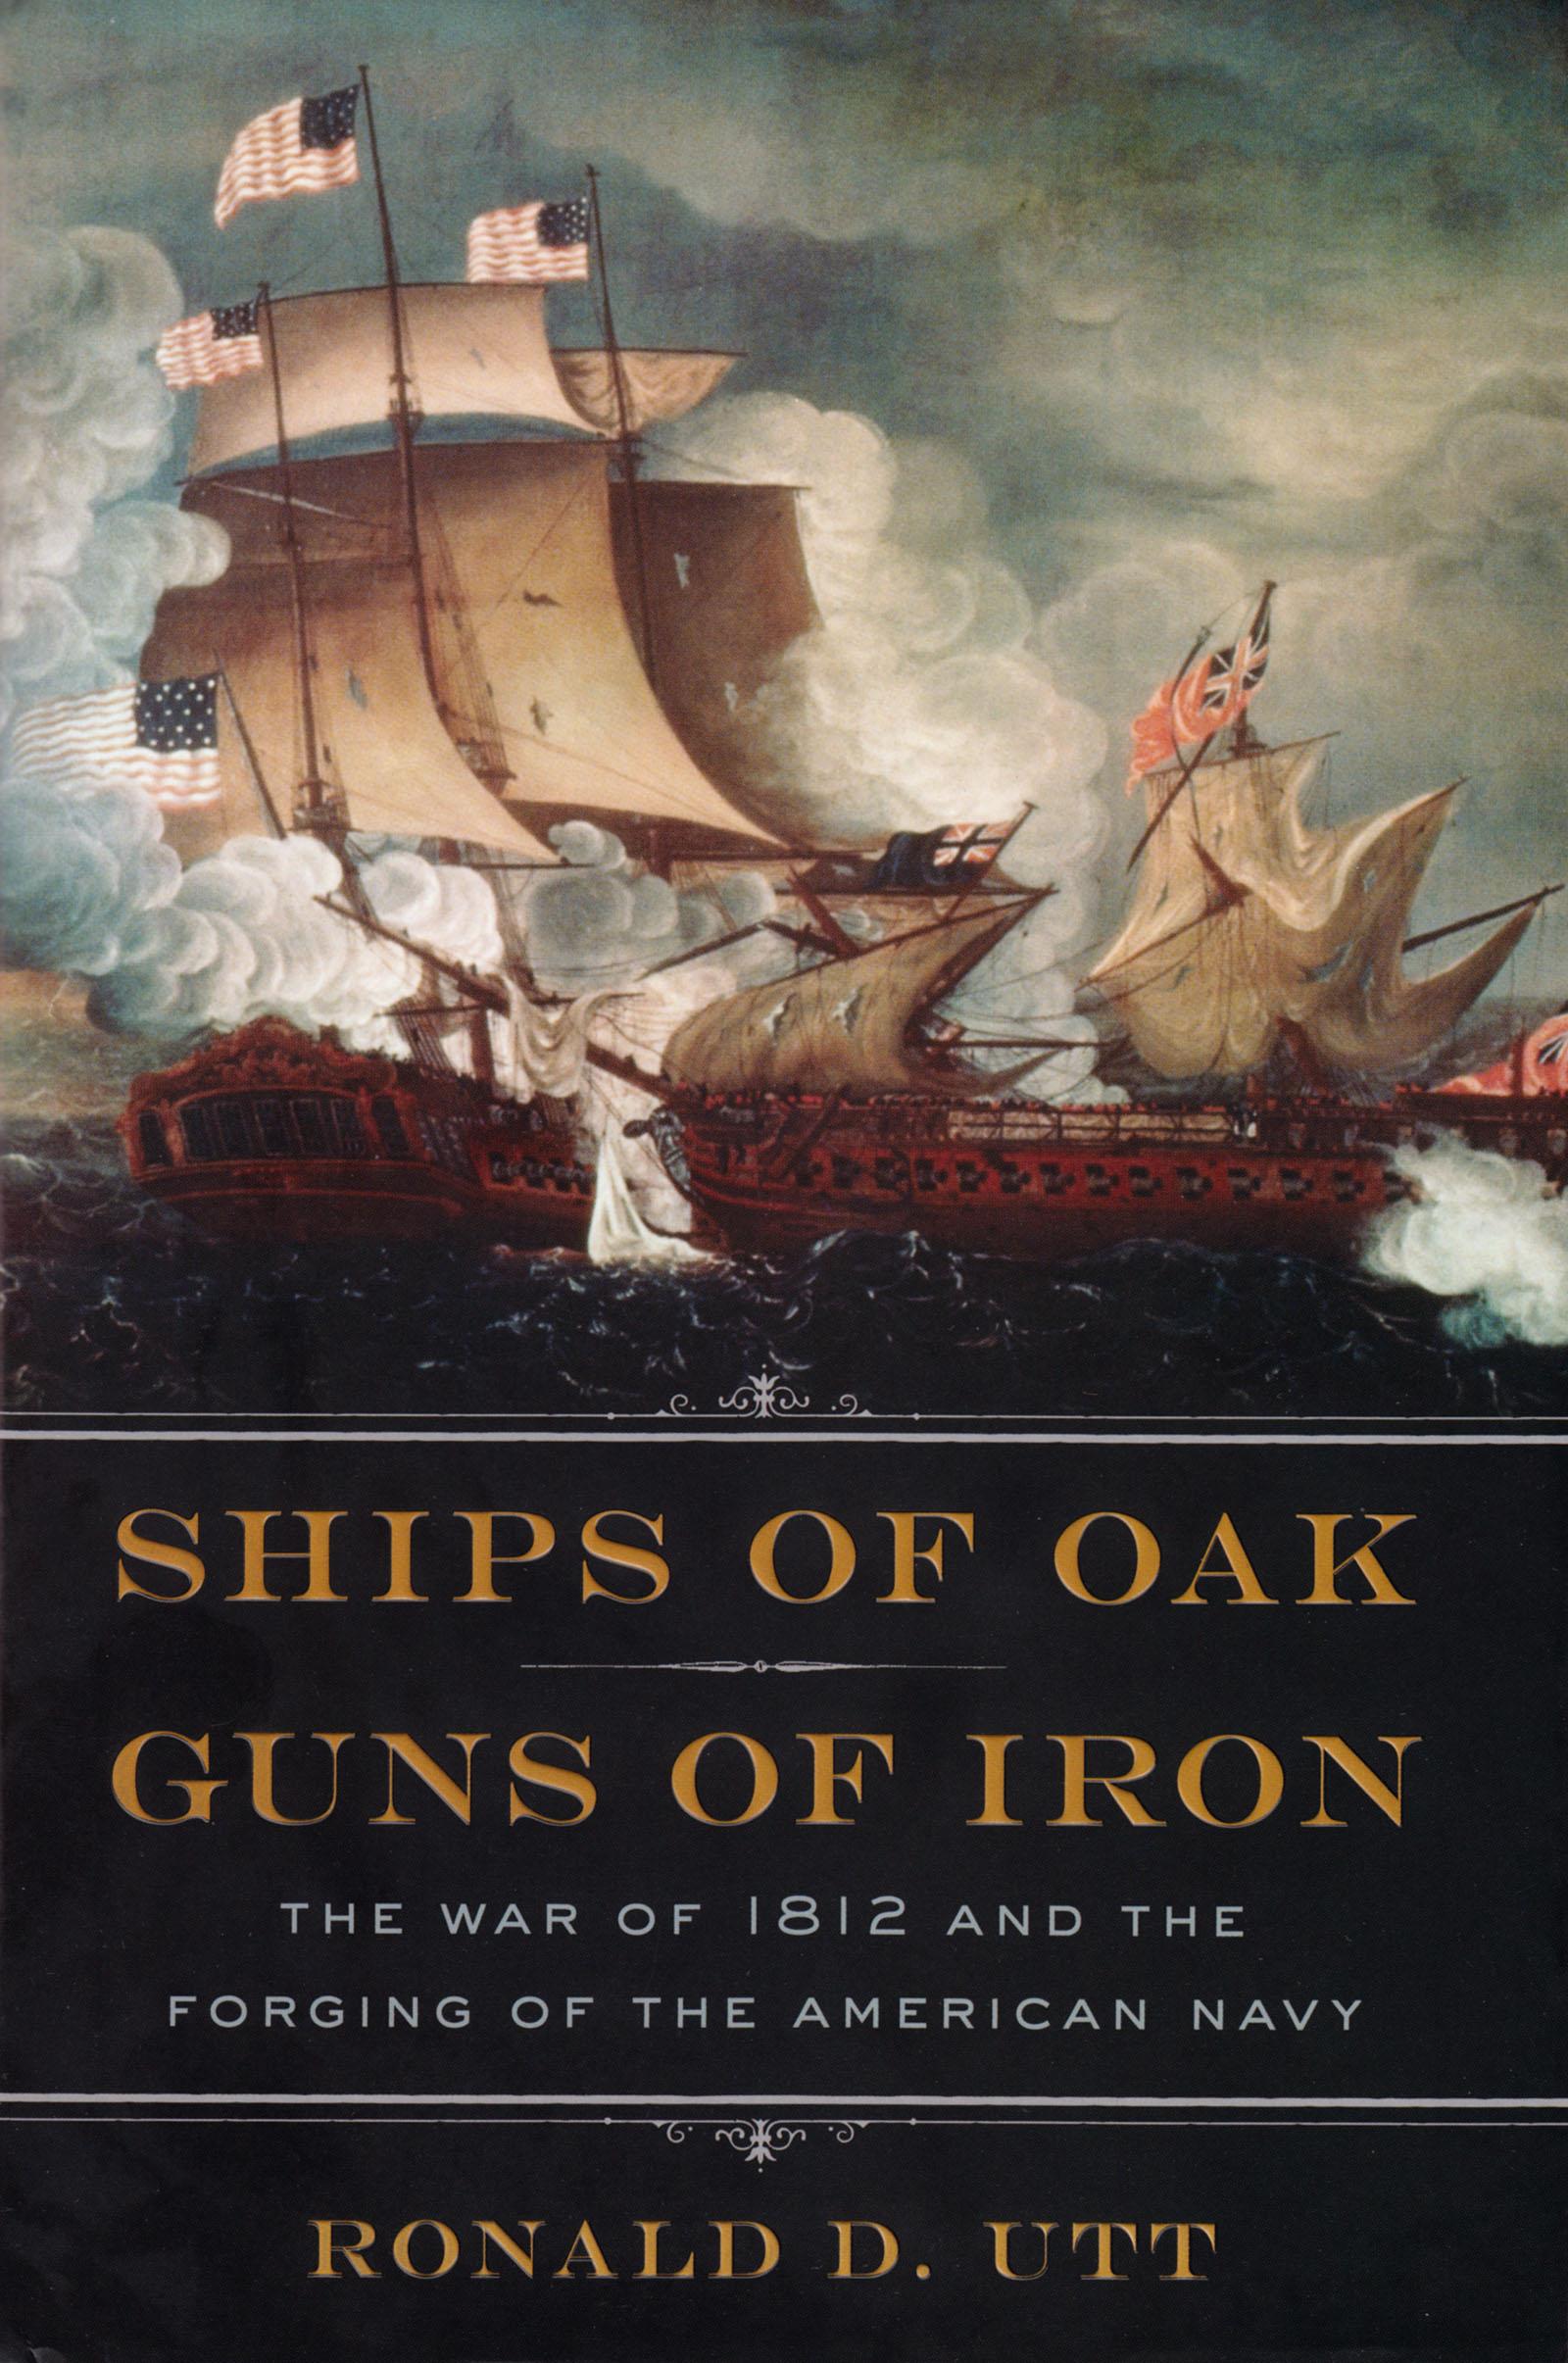 utt-ships-oak-guns-iron